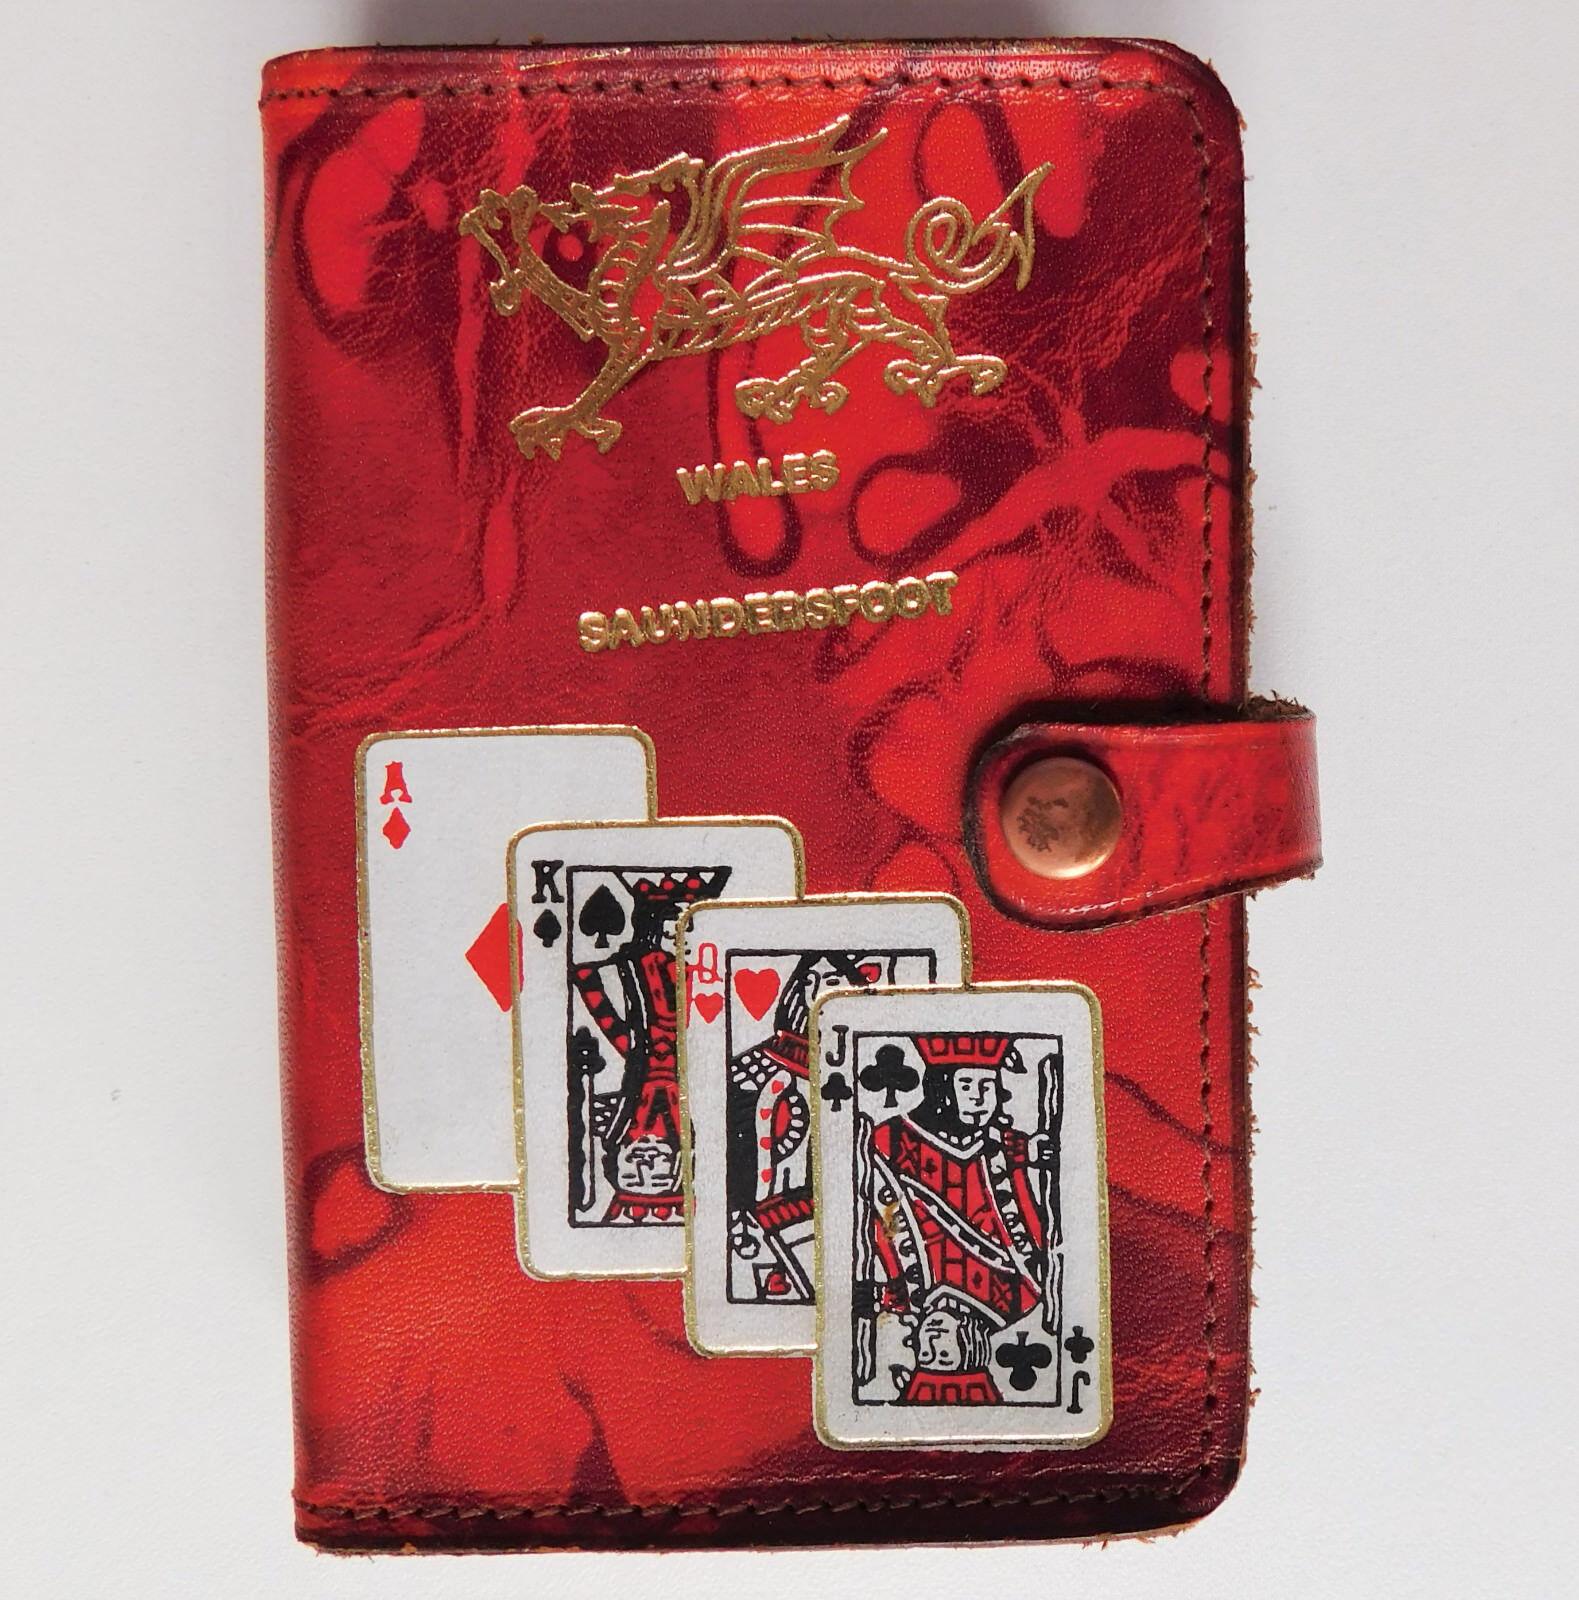 Tarjeta De Cuero Vintage Vintage Vintage caso Galés Dragón saundersfoot Gales sin abrir jugando a las cartas 6ada3a